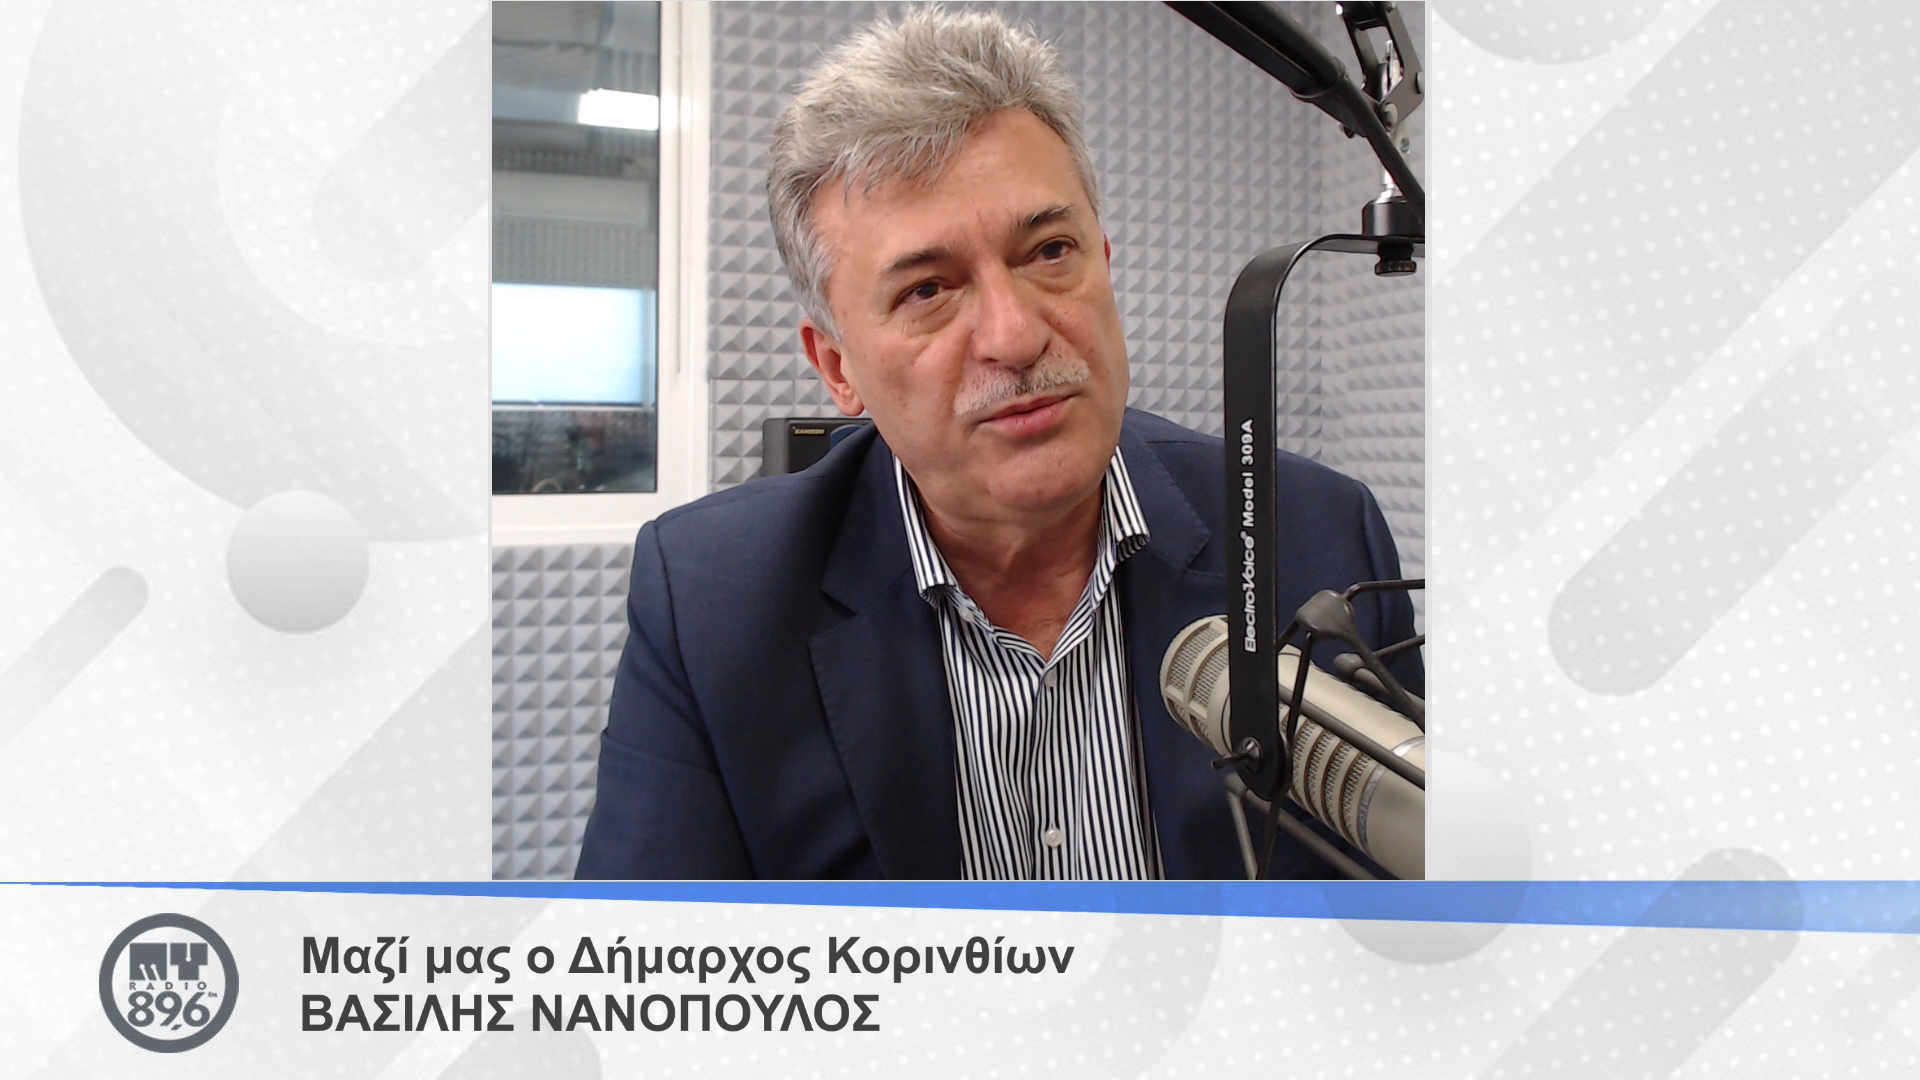 Με 3 «Αποκλειστικά» στο studio του My Radio 89,6 ο Δήμαρχος Κορινθίων